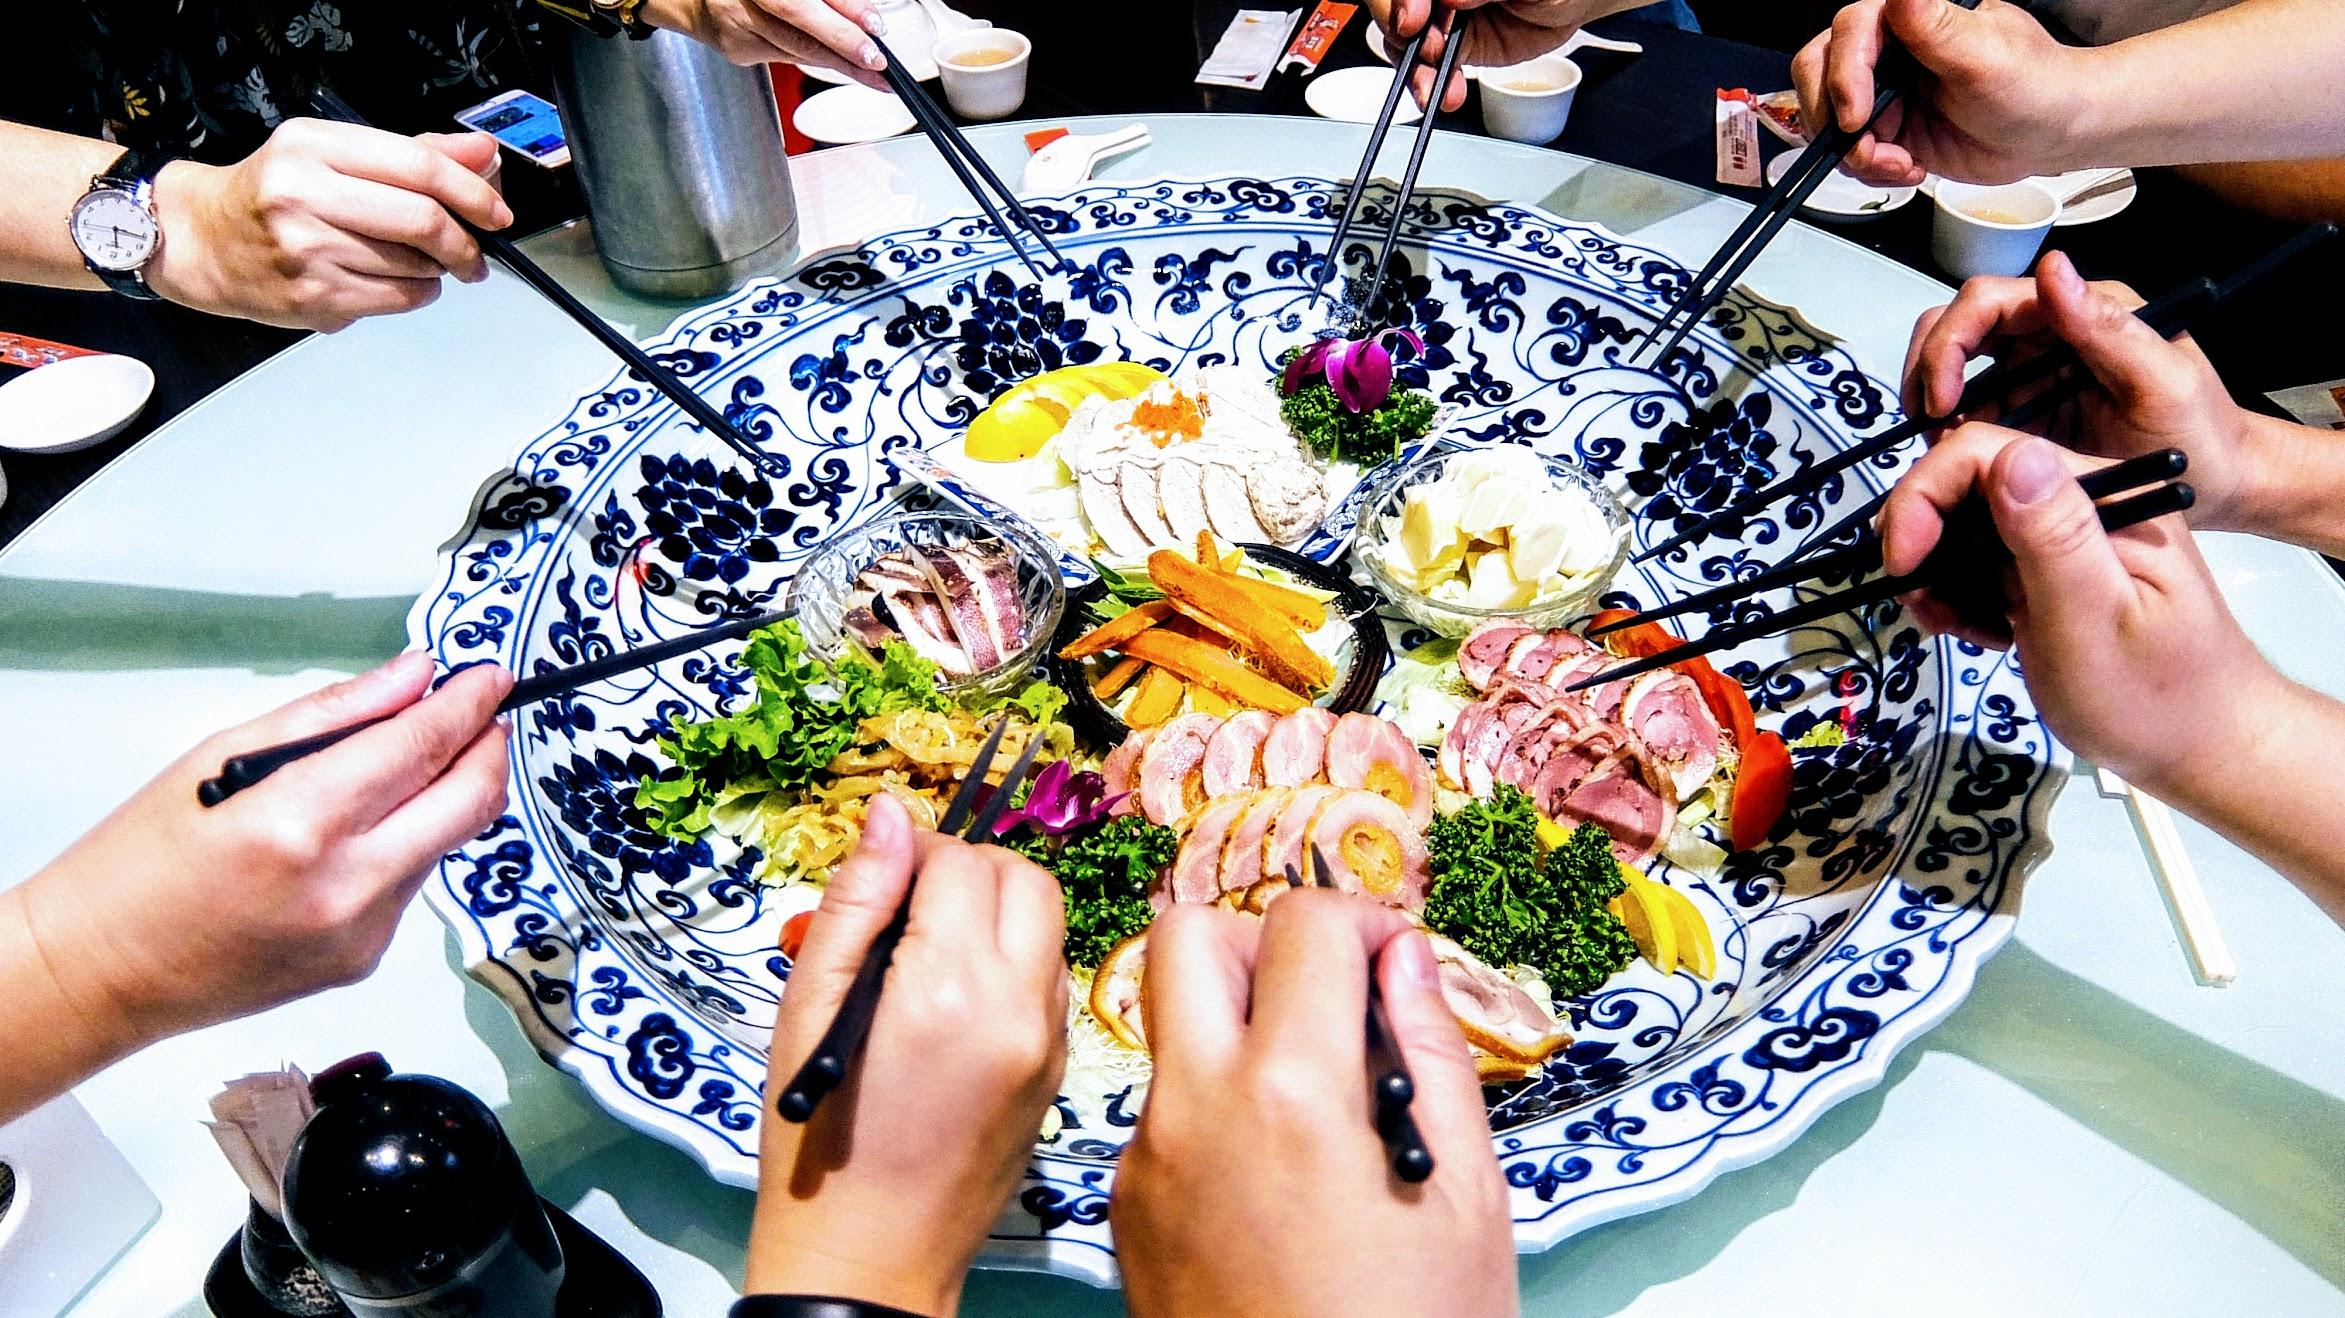 日式版前綜合盛物,有烏魚子/竹筍/海蜇皮/魚卵等料理,重點是盤子有夠巨大的啊! 一整個圓桌就擺滿了...